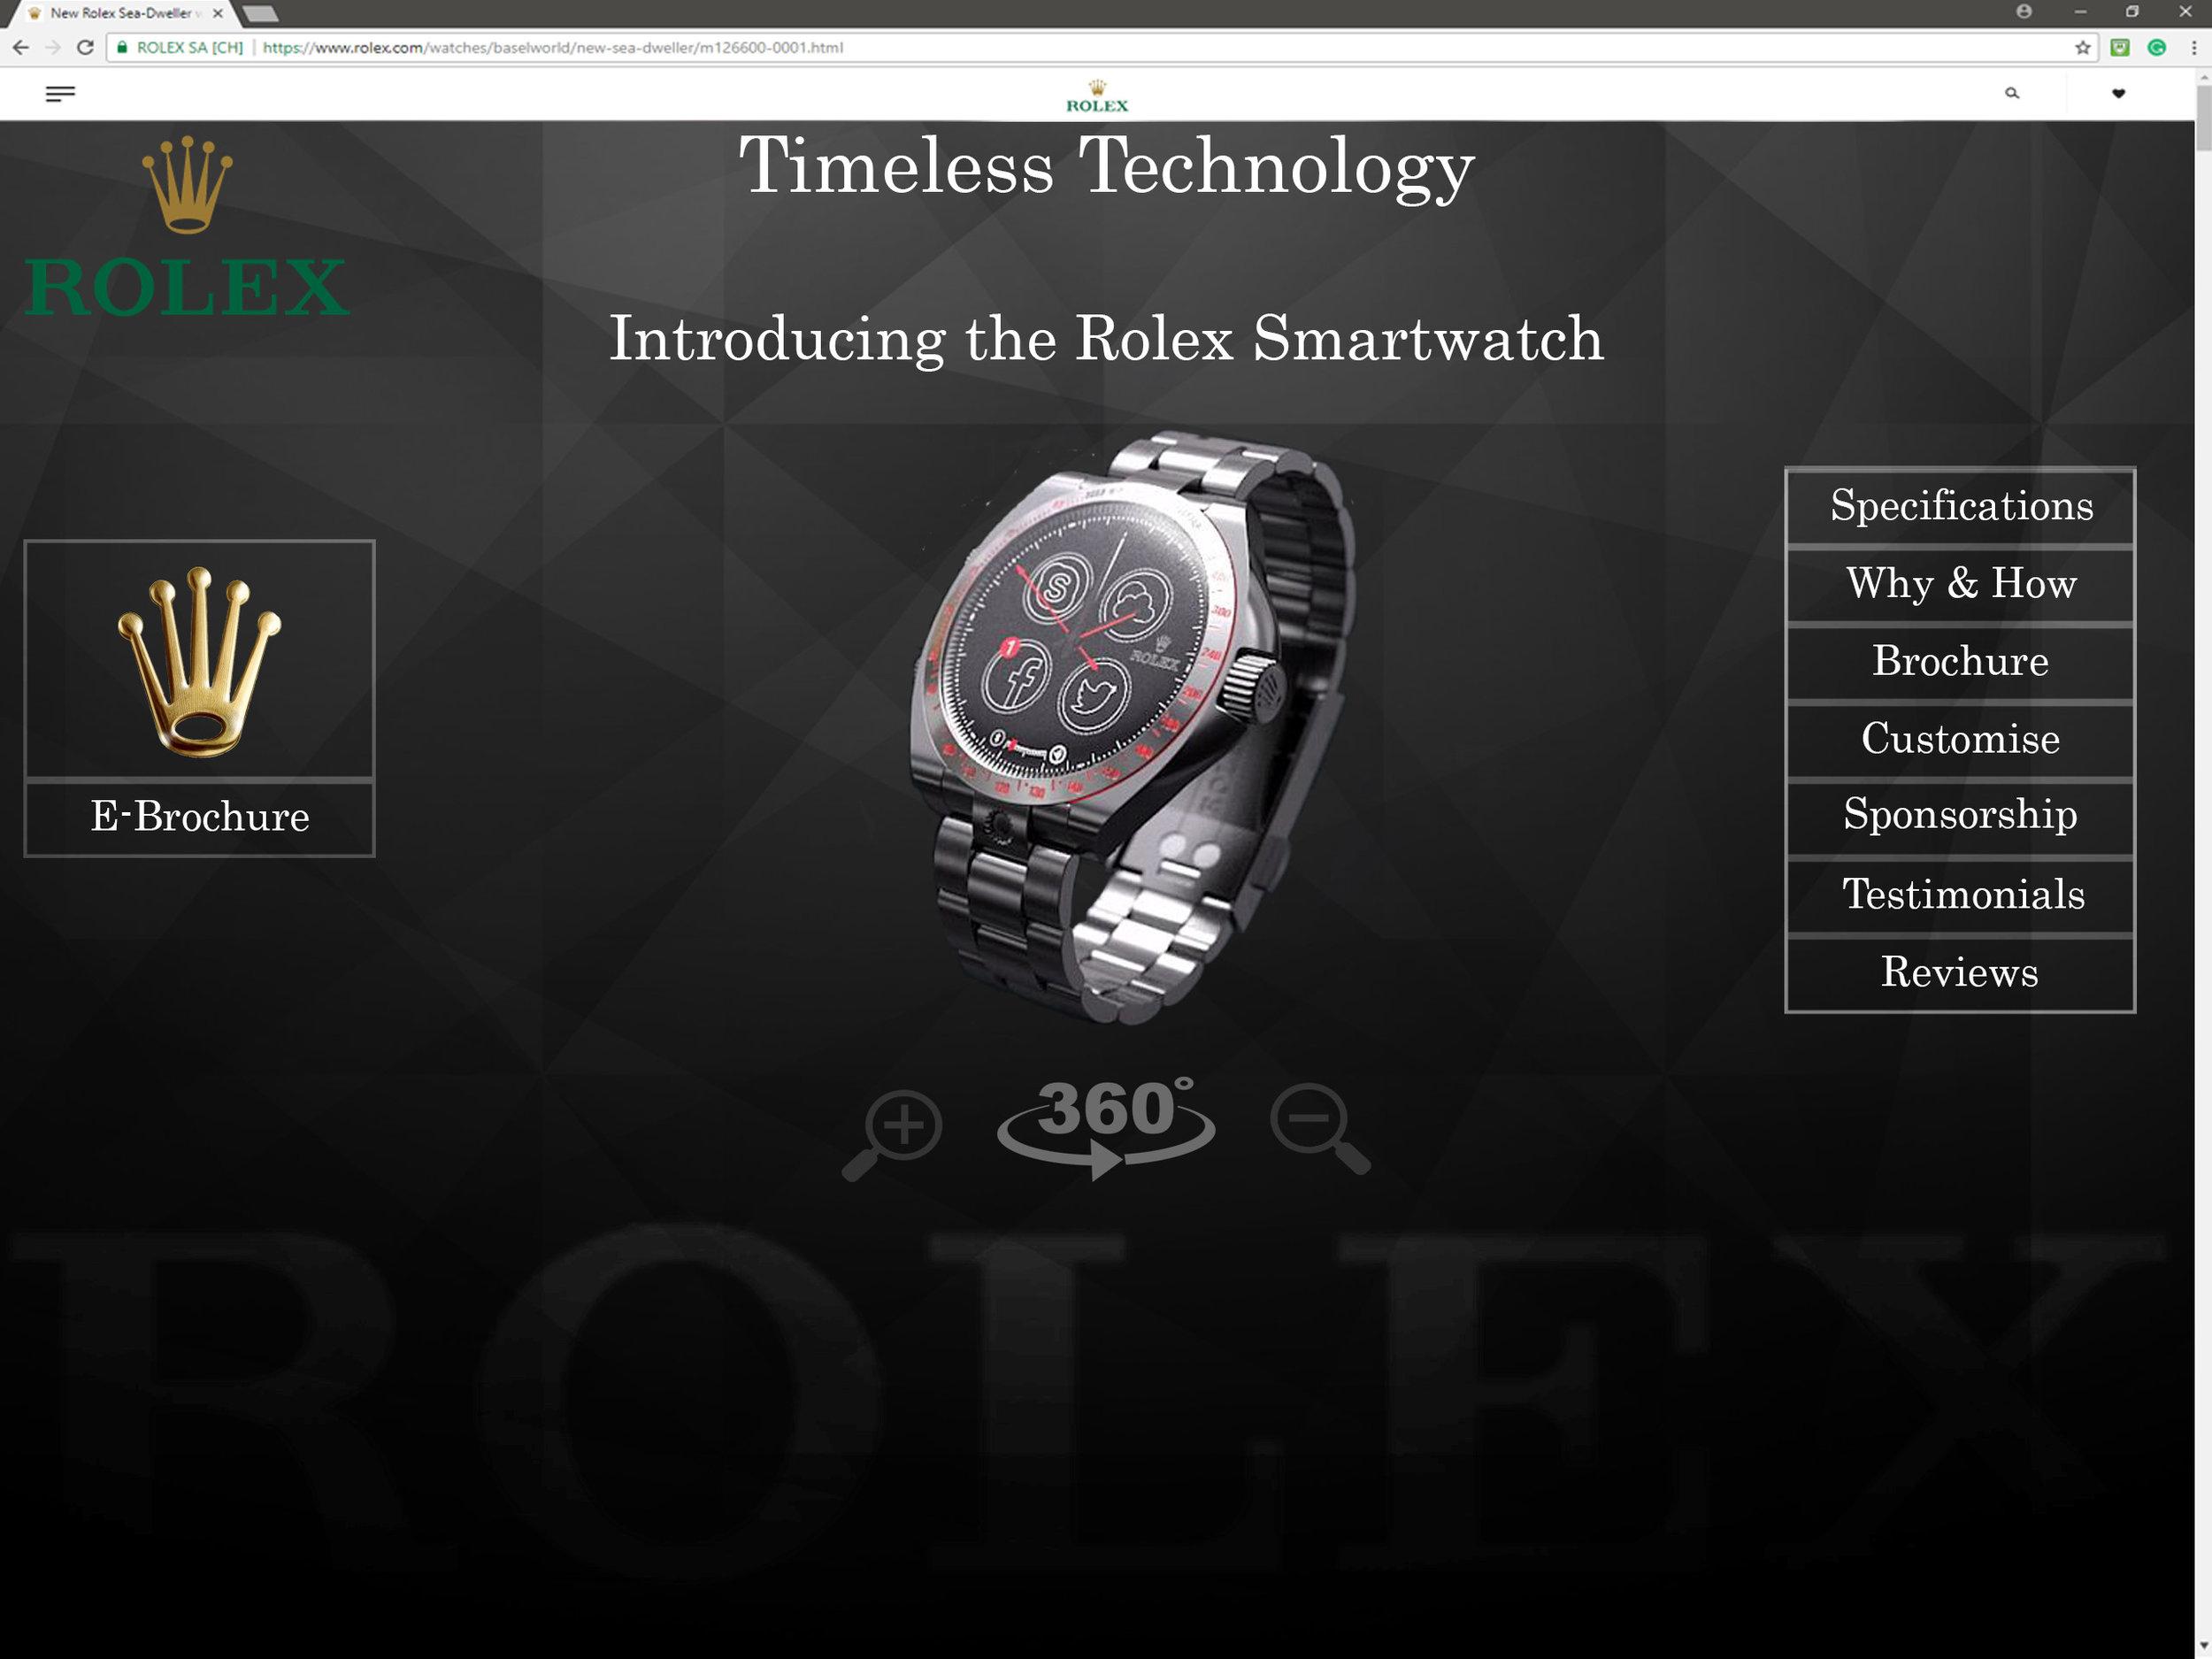 Timeless Technology